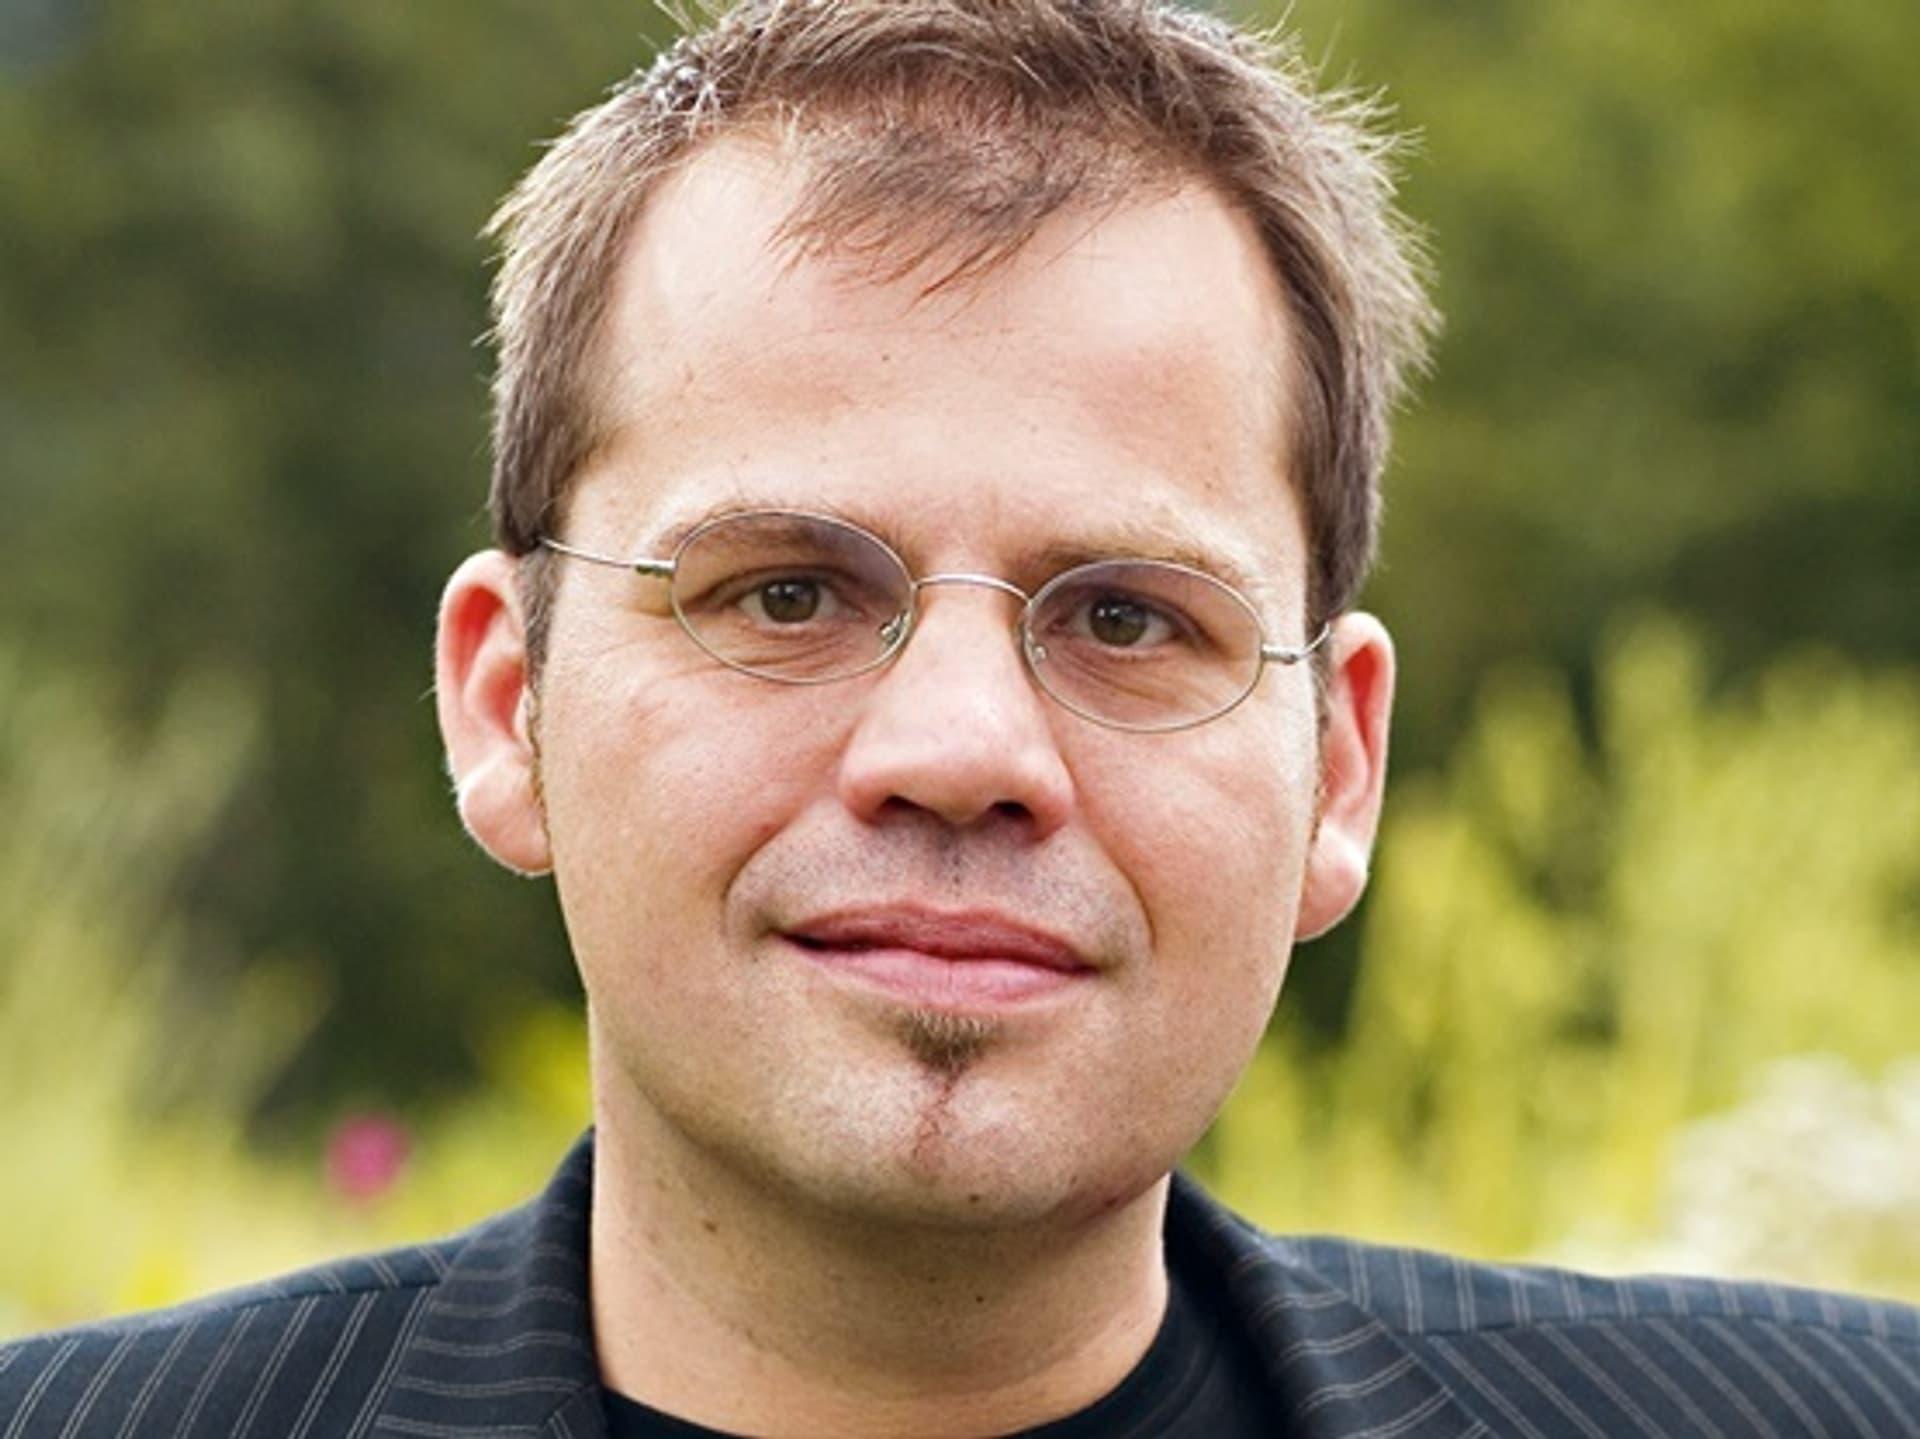 Erwin Winkler